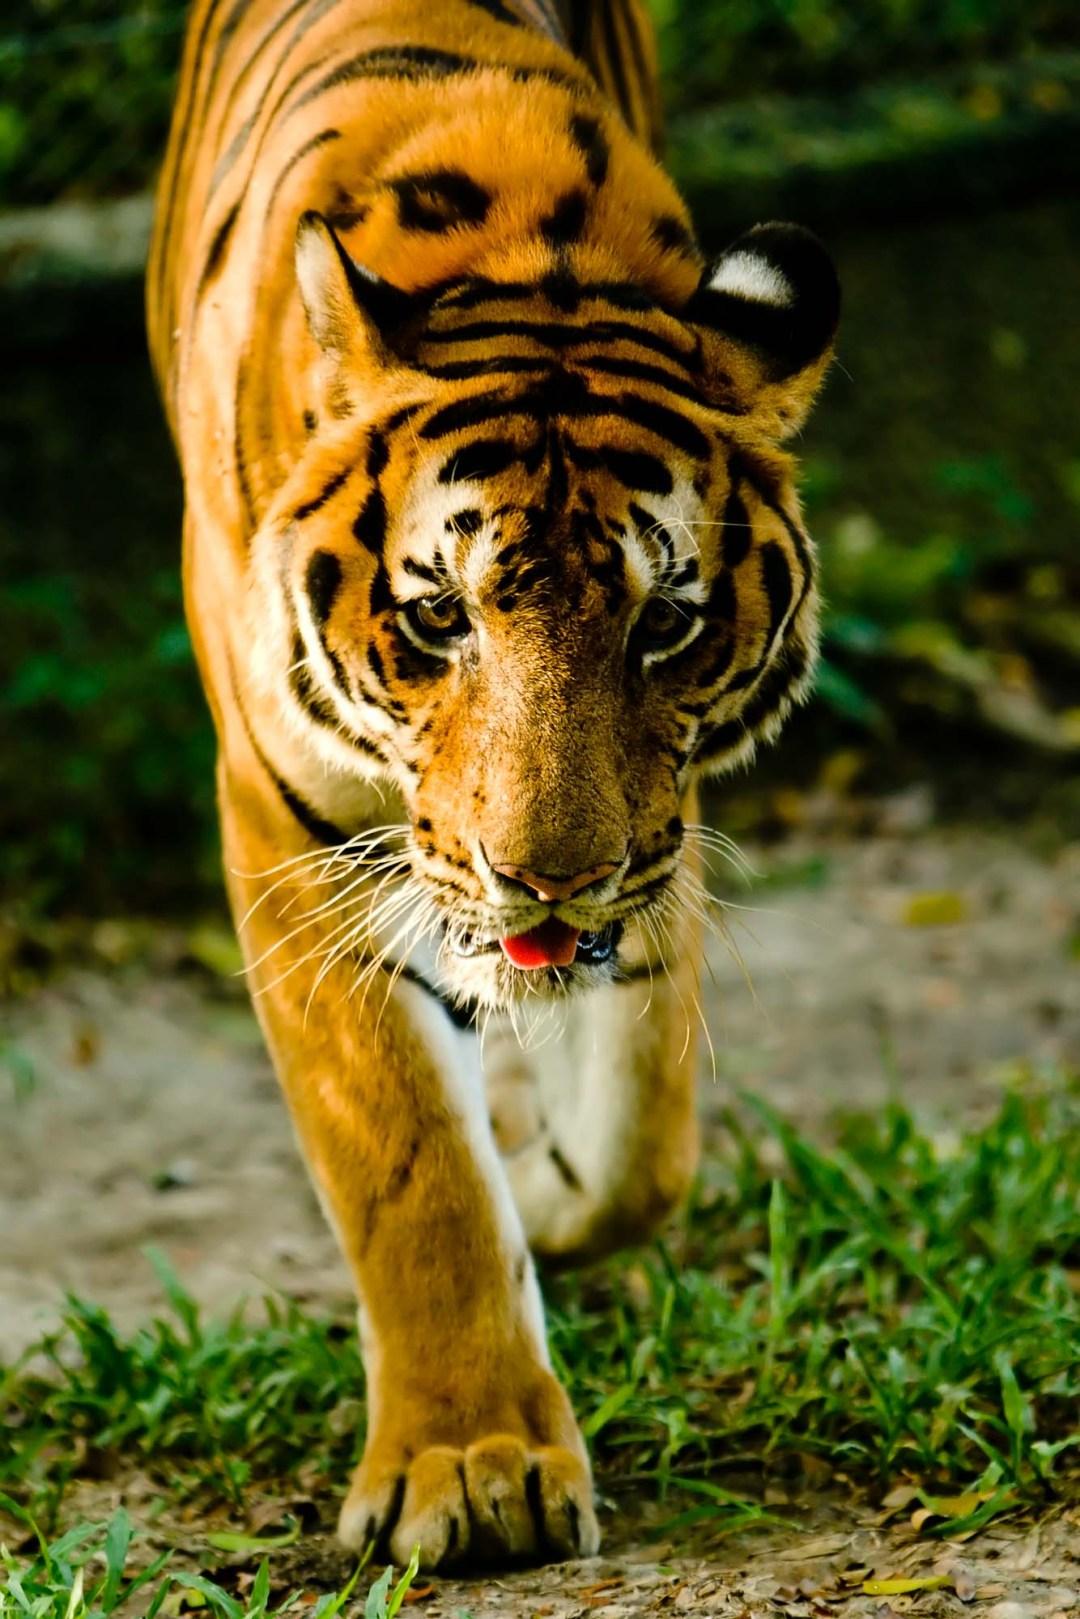 Tiger | Dusit Zoo Bangkok